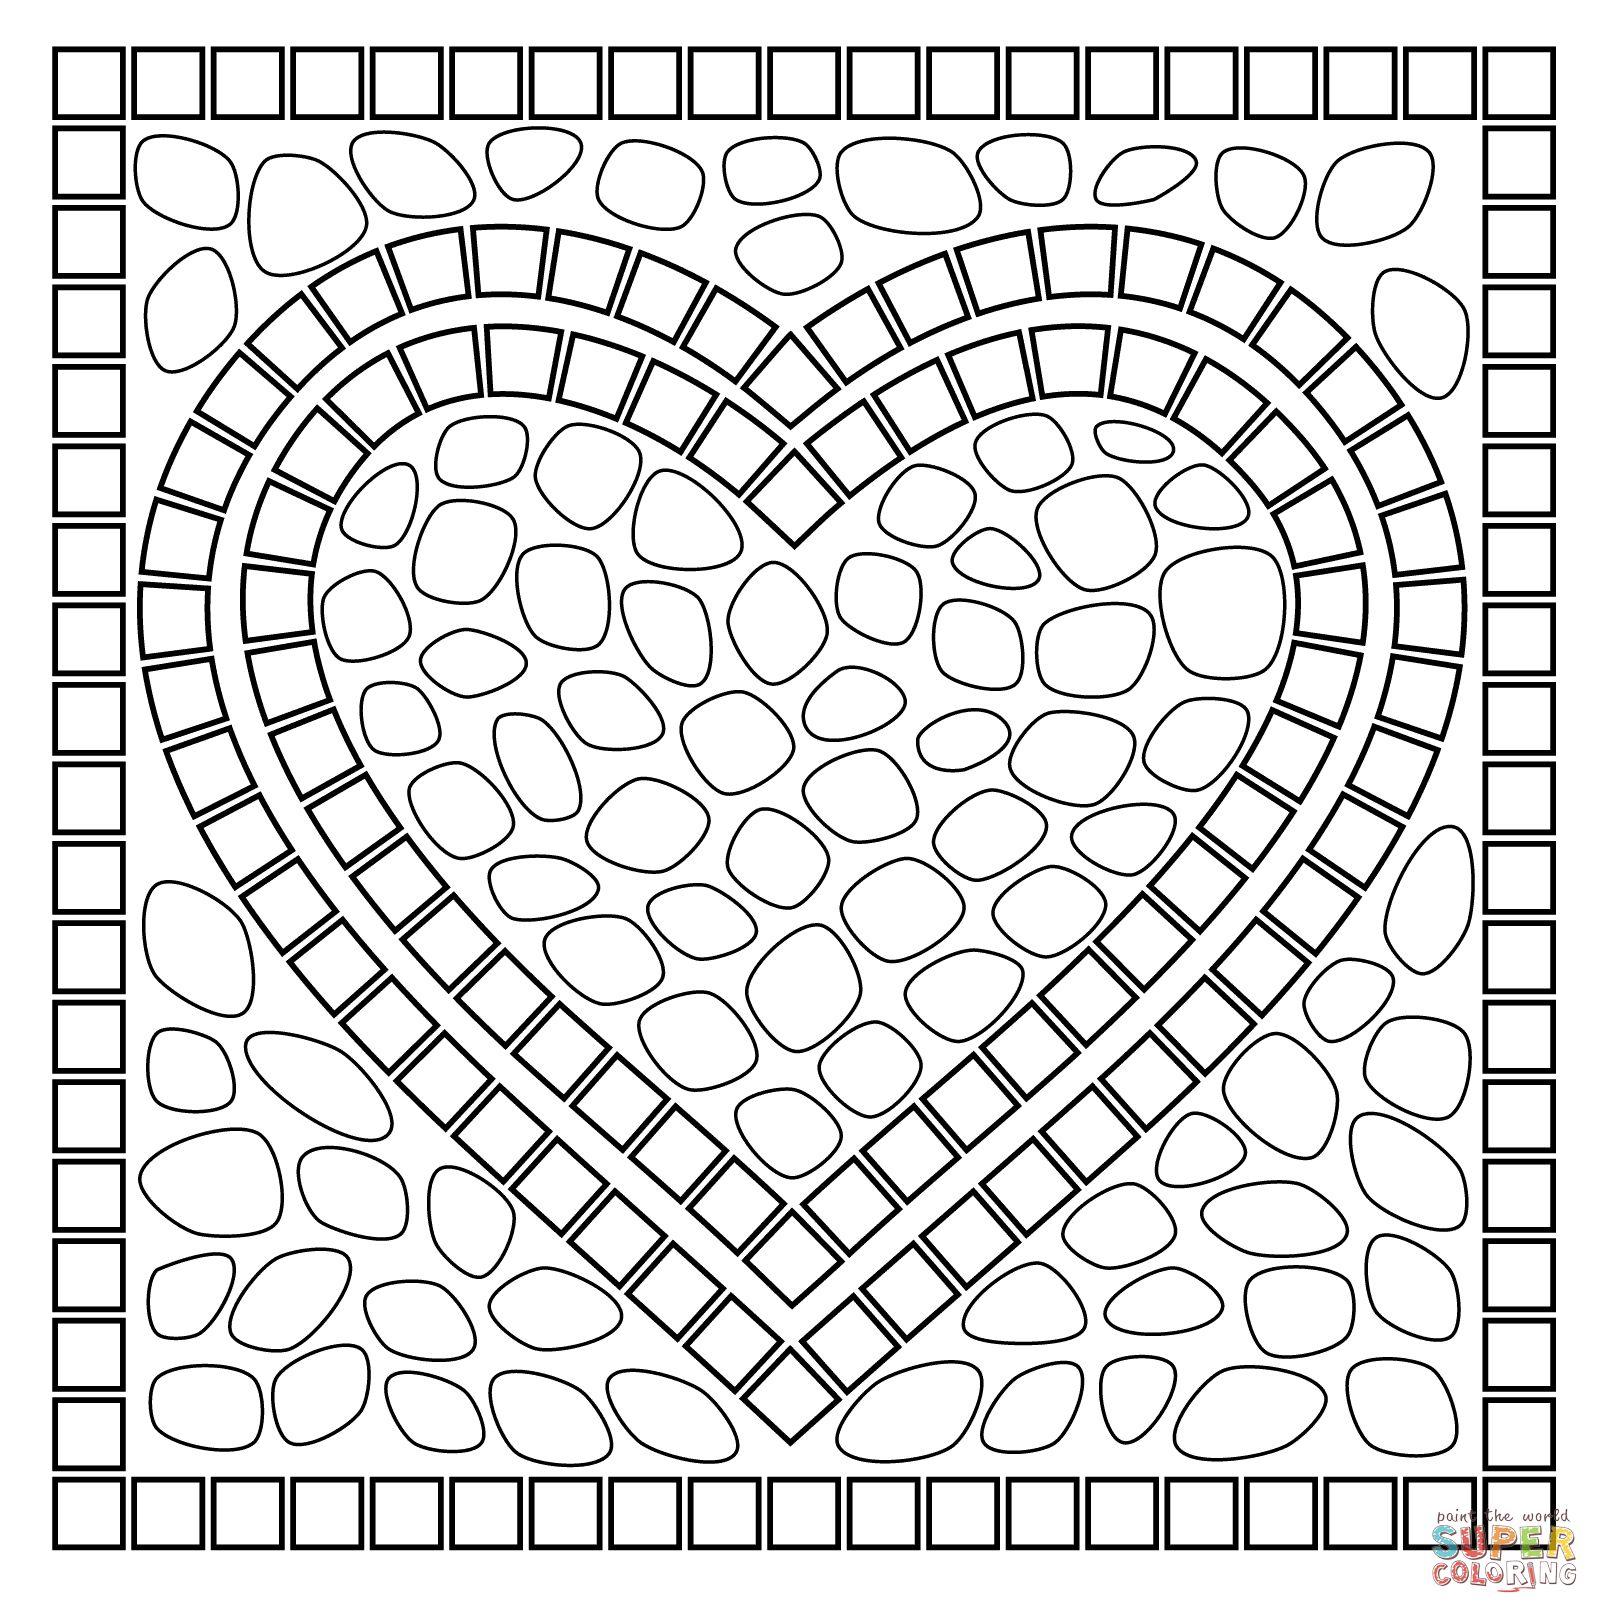 Aufenthalt Fantastisch Und Vielen Dank Fur Den Besuch Meines Blogs Bimbode Club Den Obigen Artikel D Heart Coloring Pages Free Mosaic Patterns Mosaic Patterns